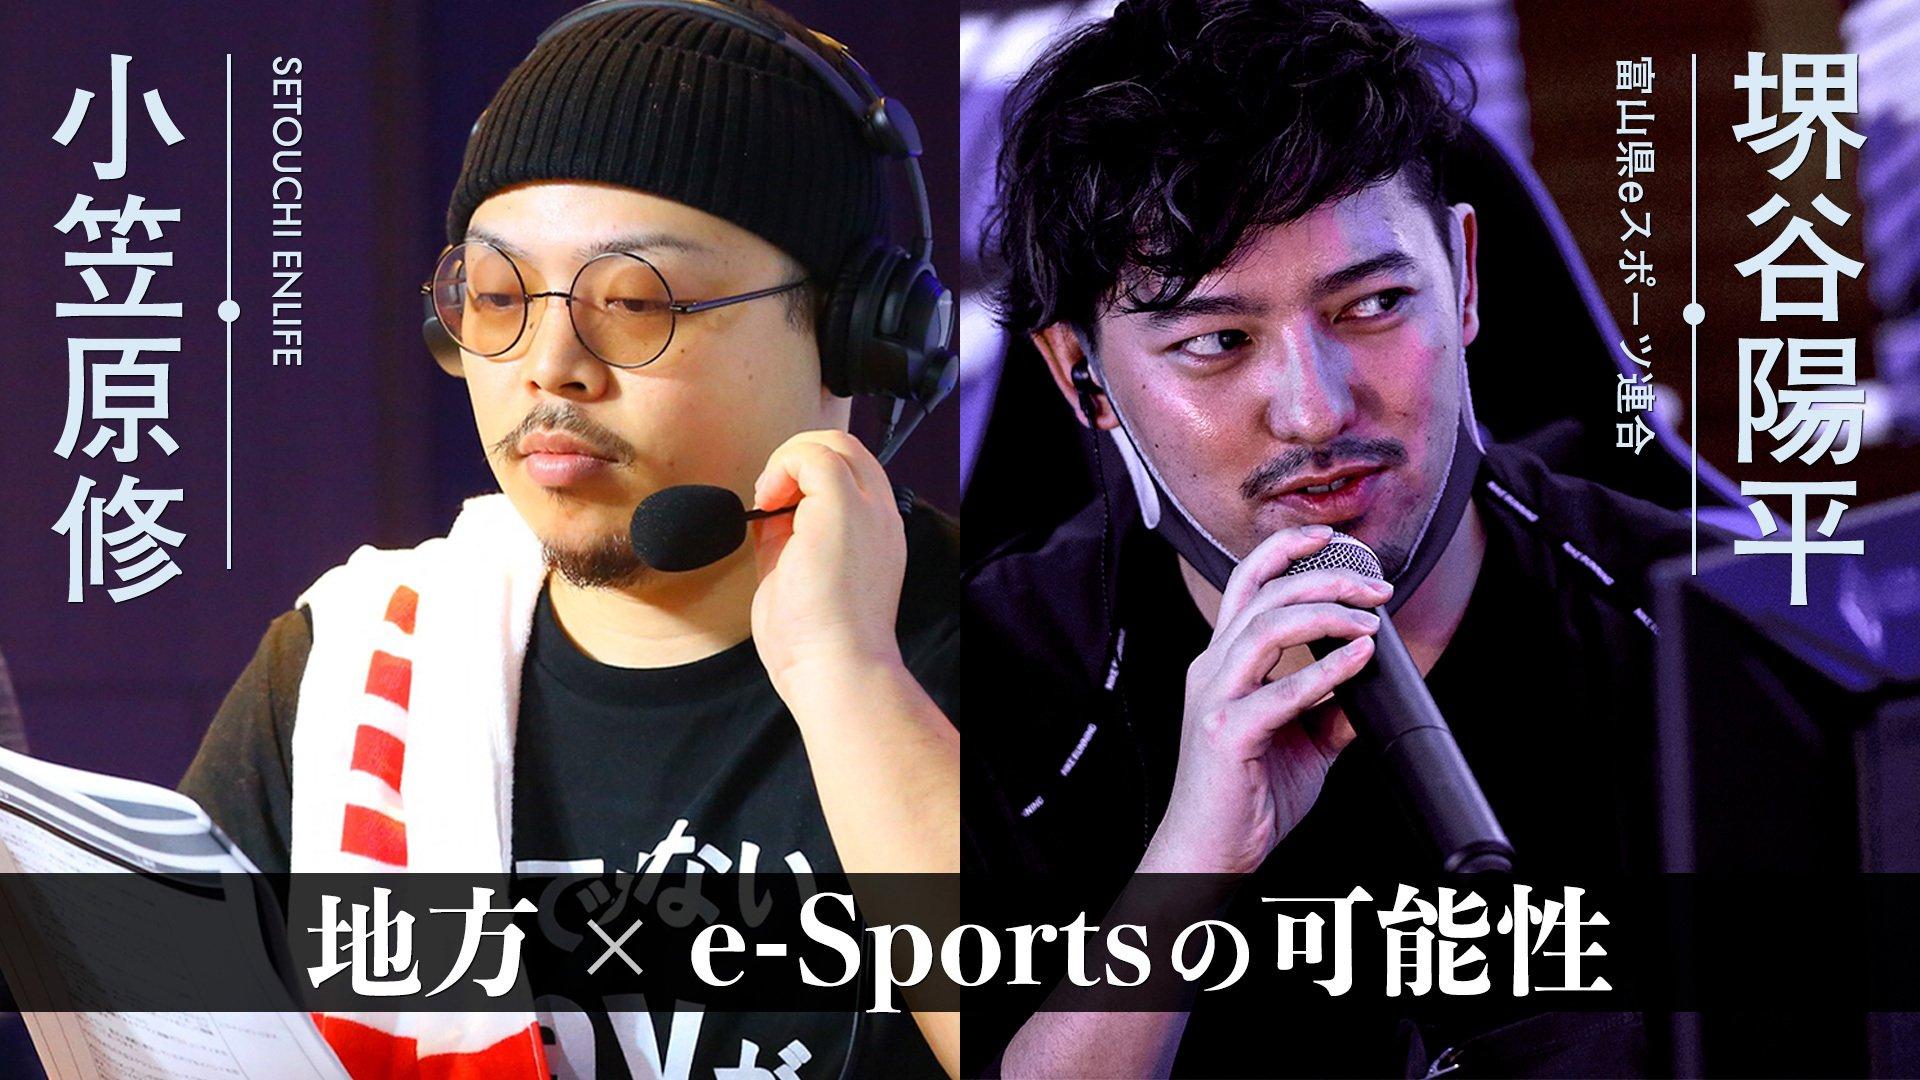 ゲーム大好き漁師×富山e-Sports協会会長「ポップカルチャーが地方にできること、できないこと」